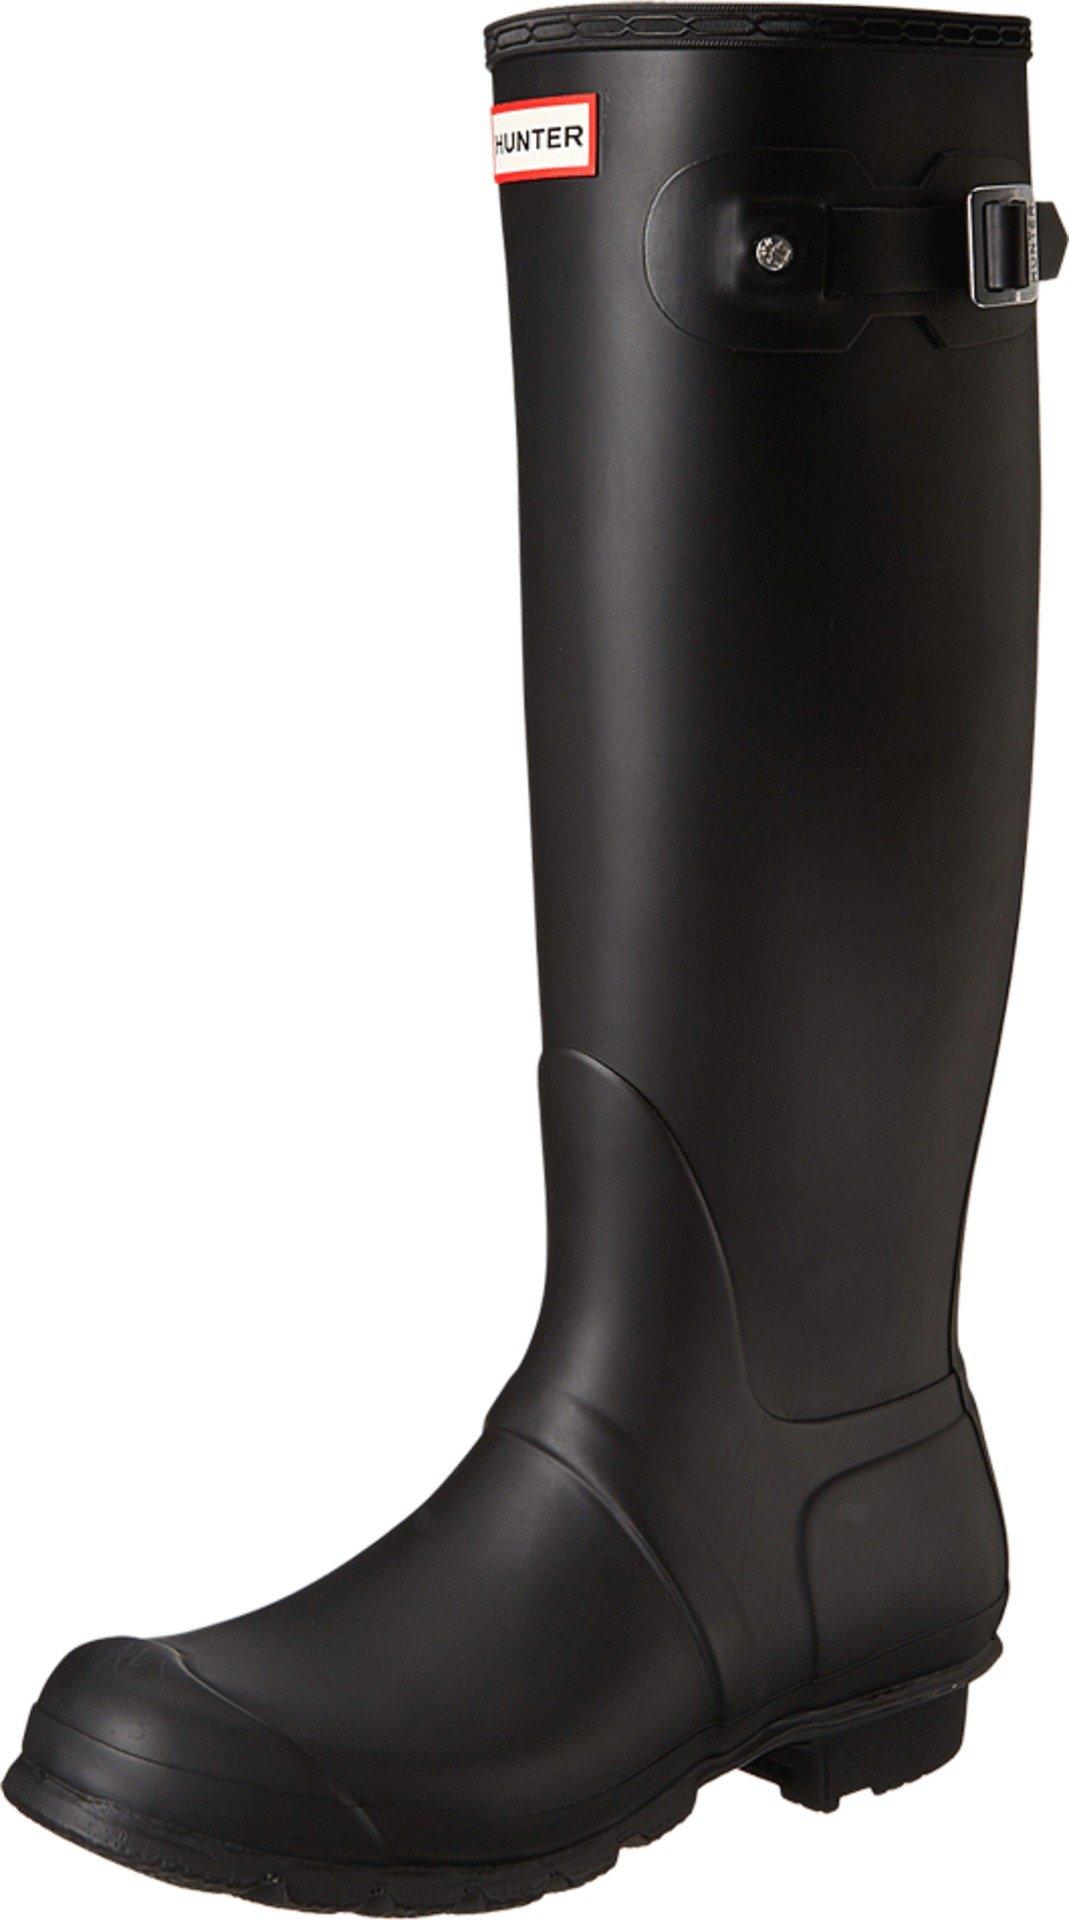 Hunter Women's Original Tall Black Rain Boots - 9 B(M) US by Hunter